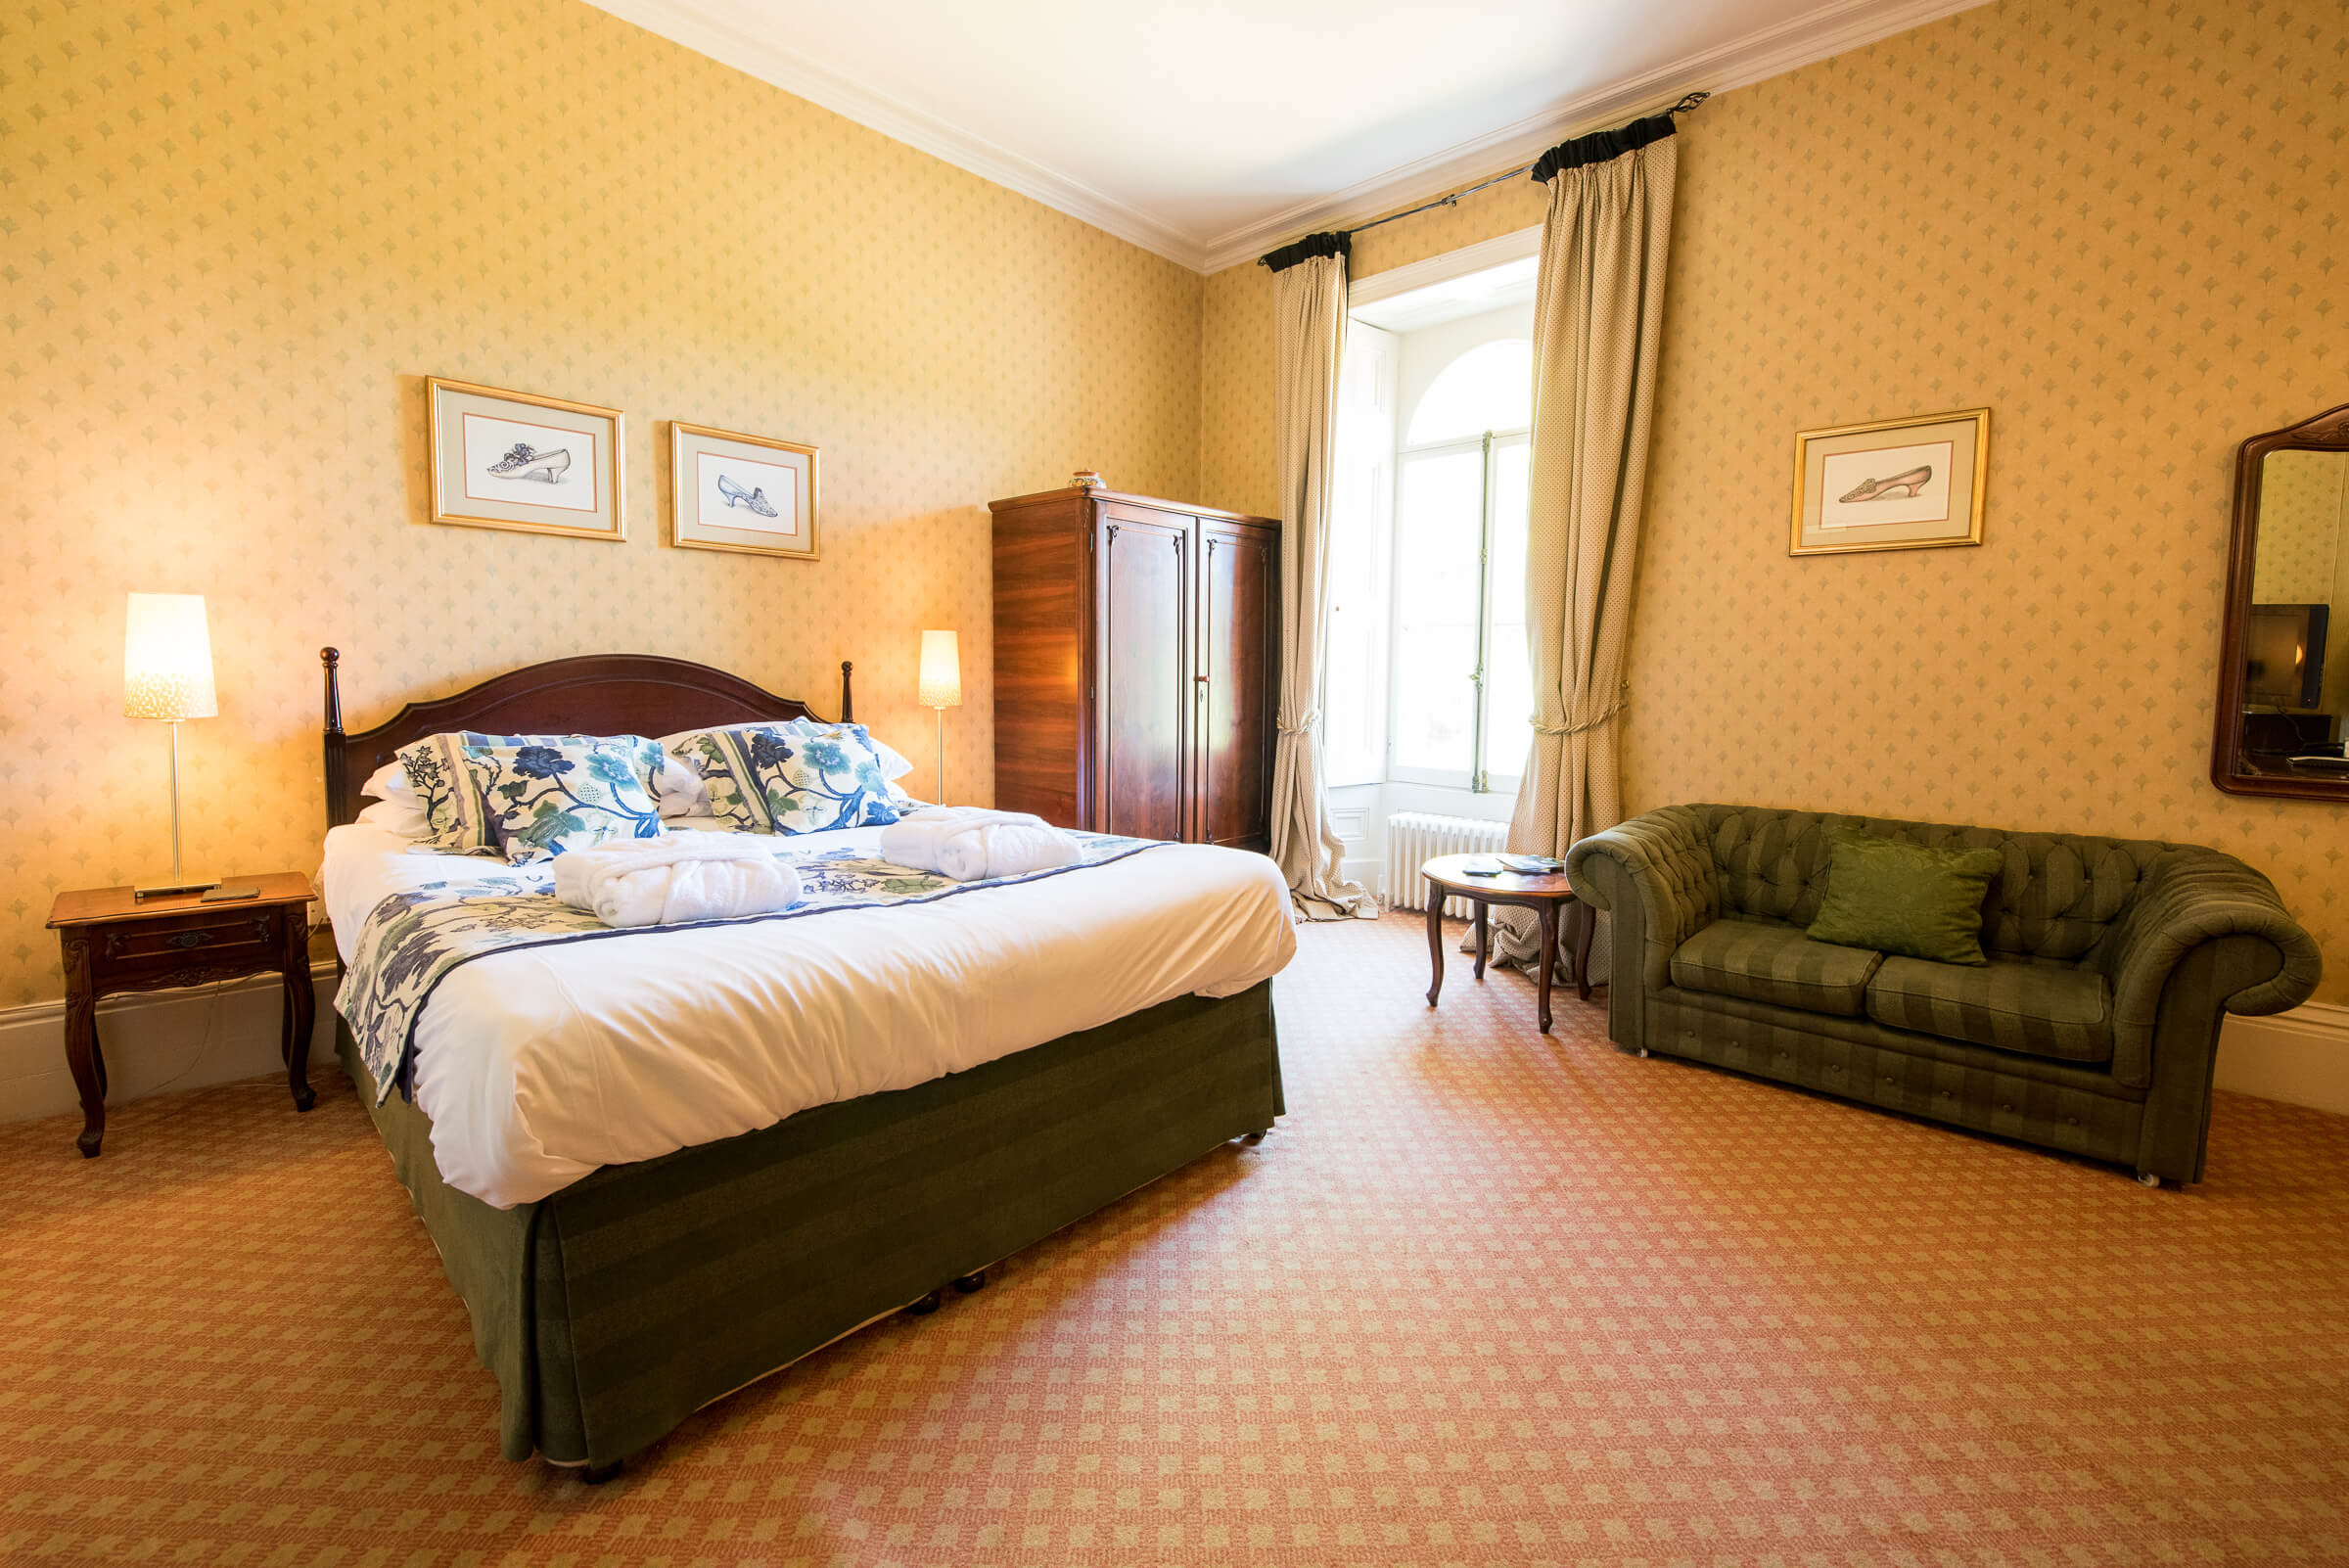 Room number 7